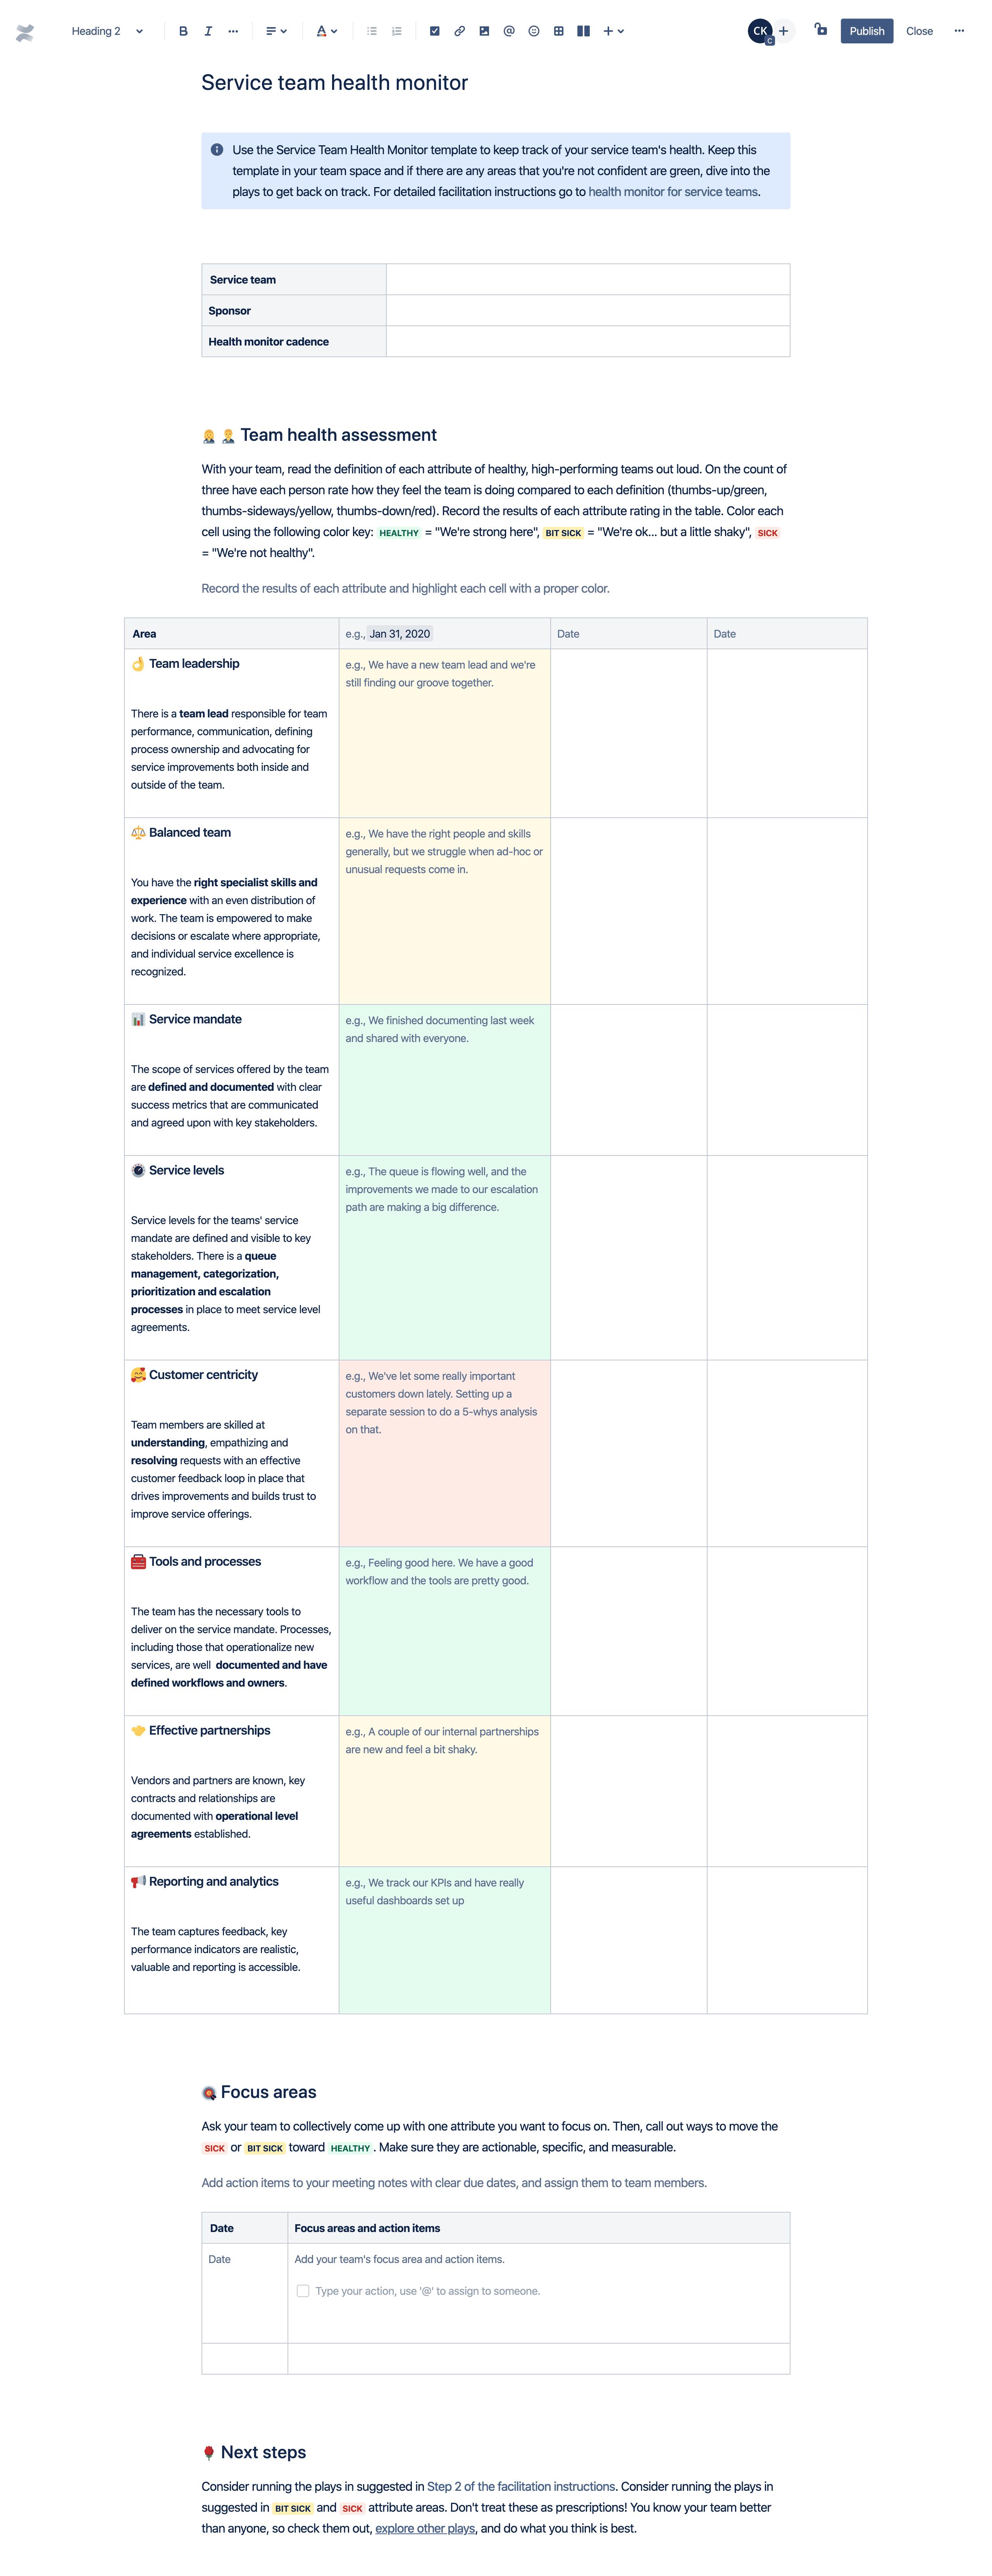 服务团队状况监测模板